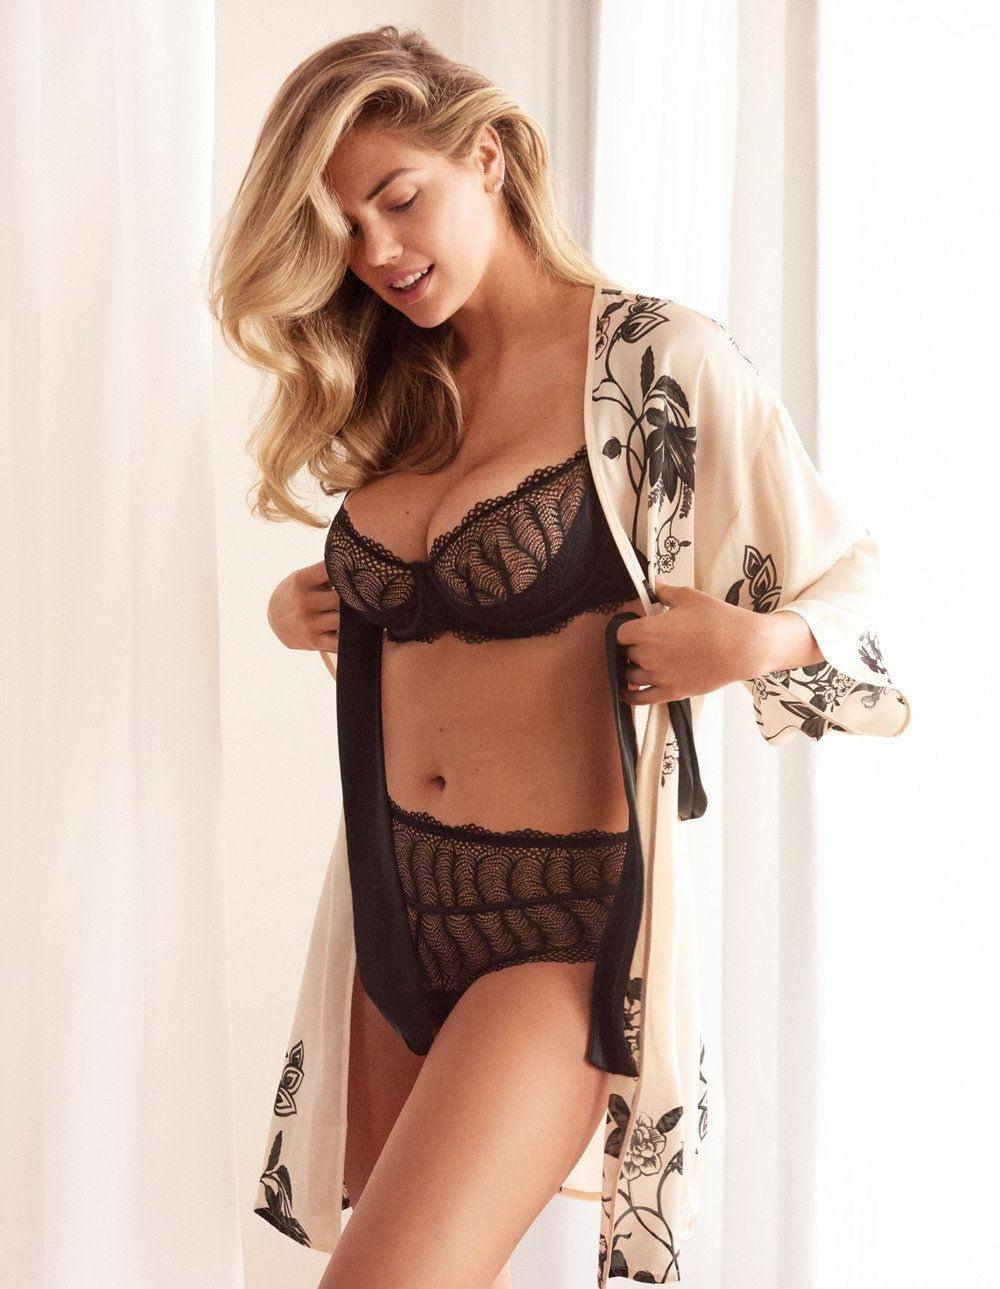 Кейт Аптон рекламирует коллекцию нижнего белья